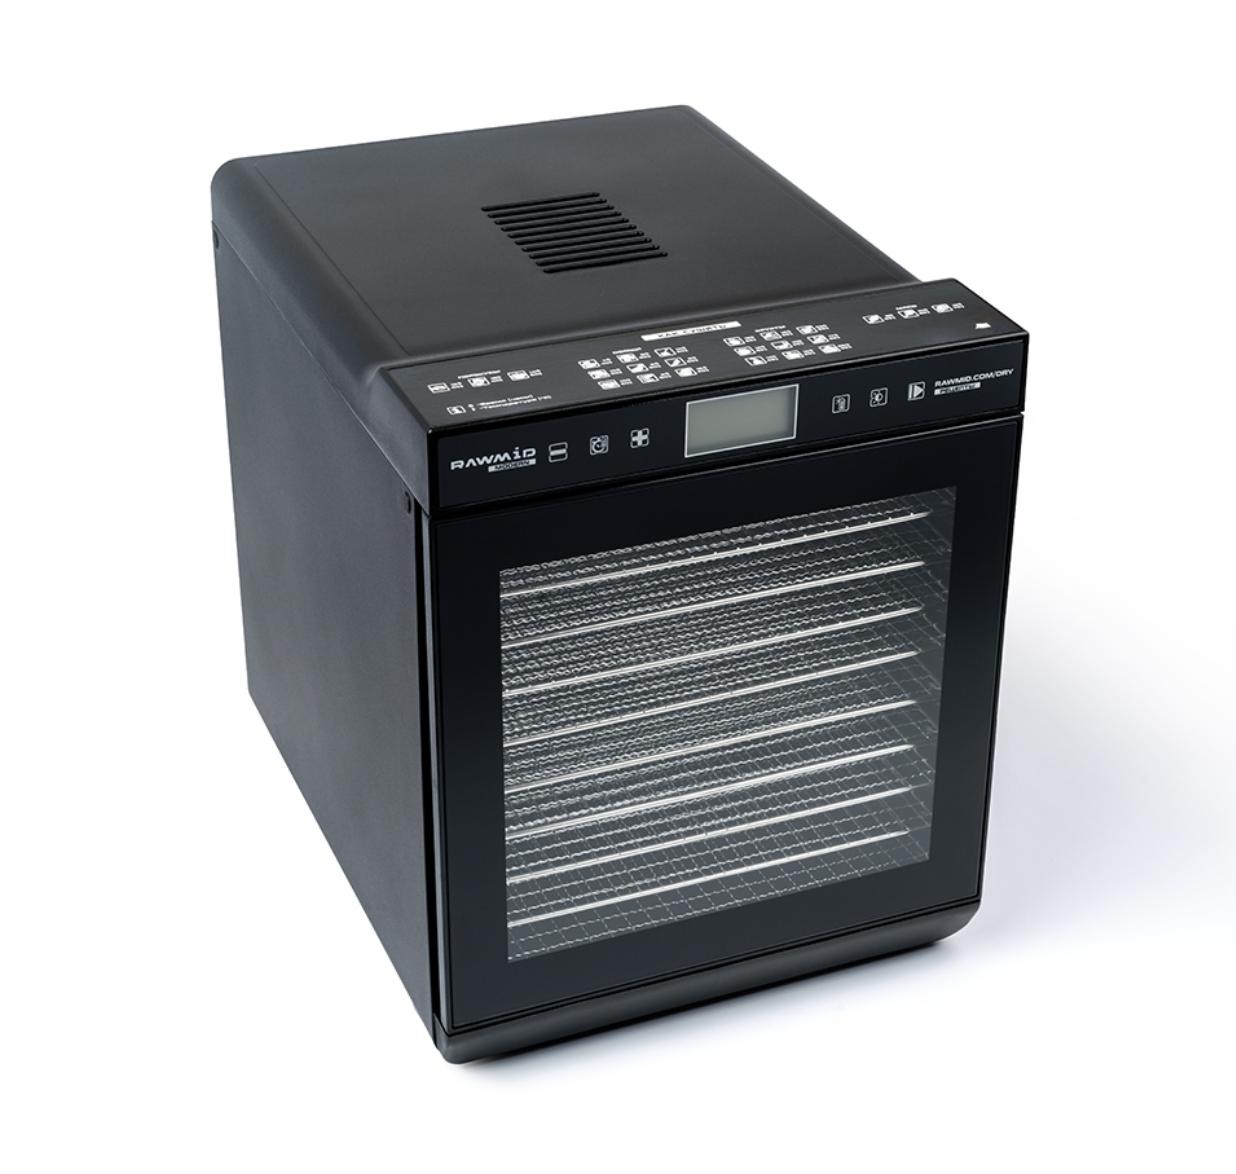 Дегидраторы Дегидратор RawMID Dream Modern RMD-10 (10 стальных лотков) 2019-07-04_23-07-31.png